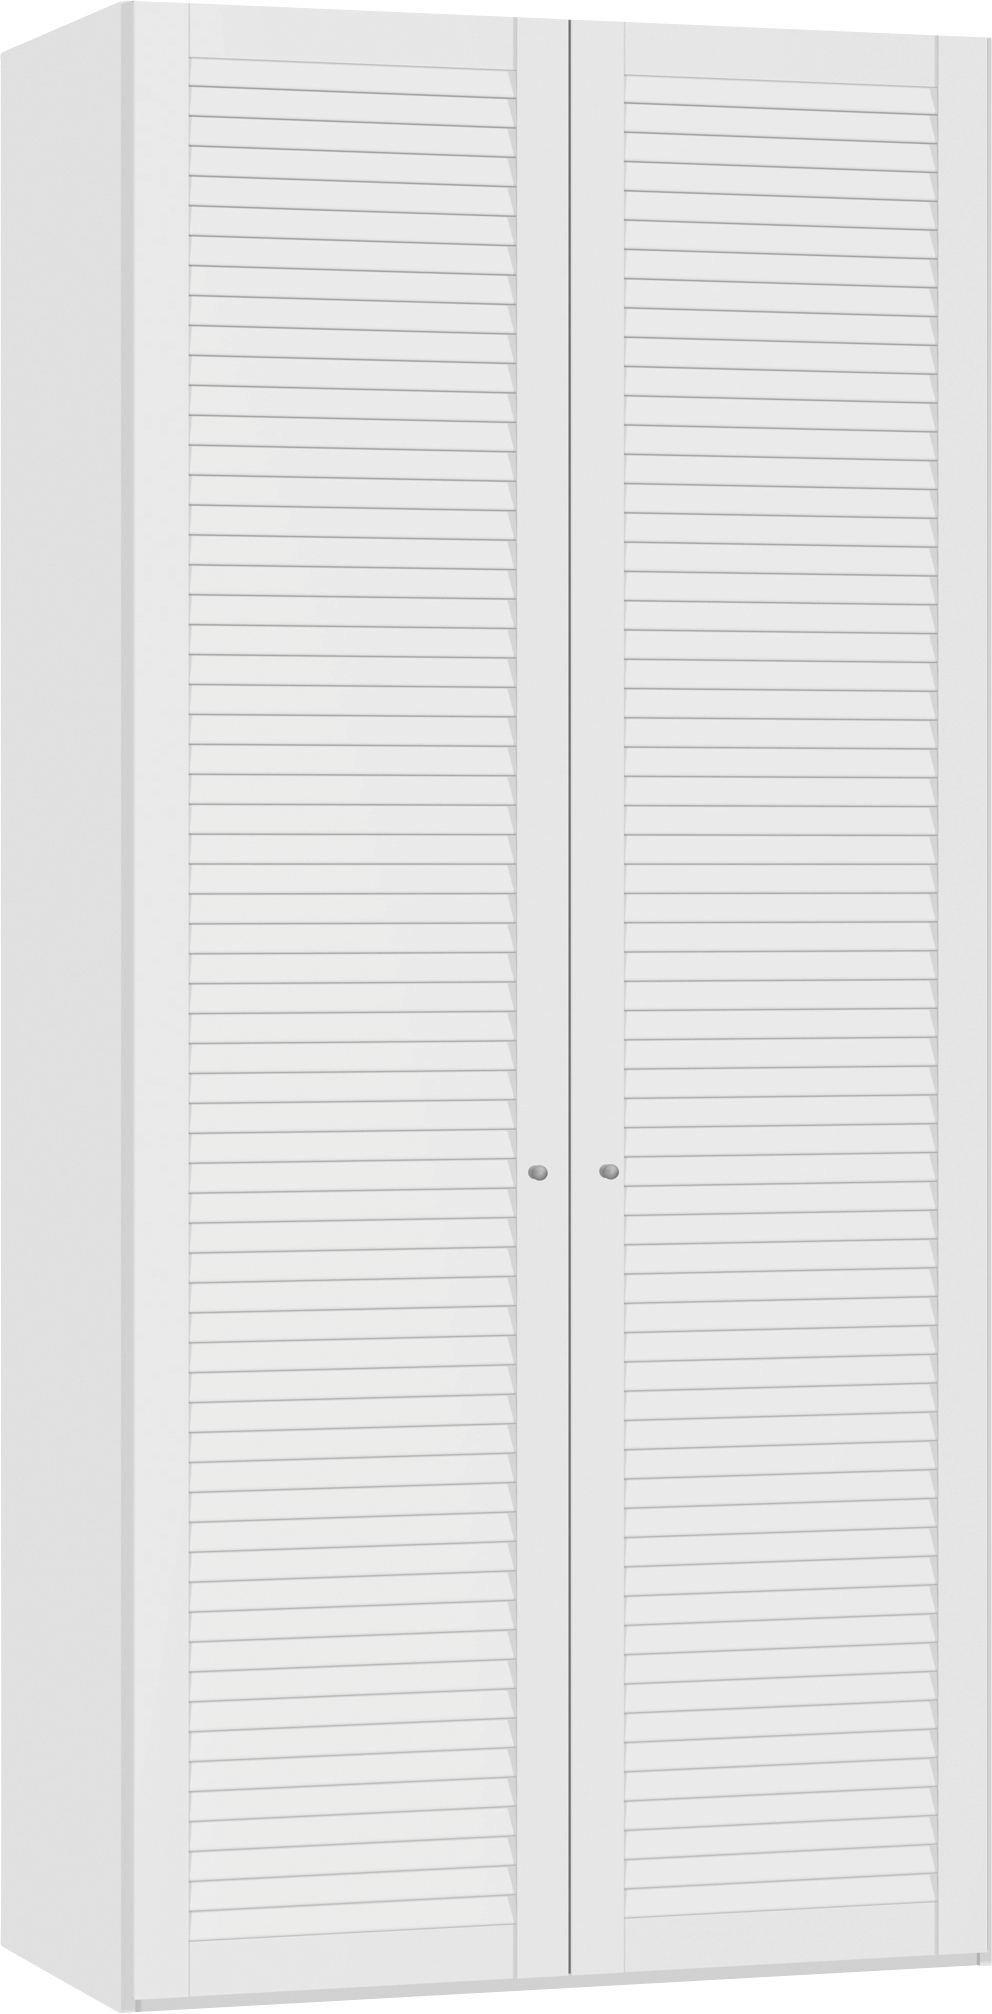 DREHTÜRENSCHRANK 2  -türig Weiß - Silberfarben/Weiß, Design, Holzwerkstoff/Metall (101,9/220/59cm) - JUTZLER